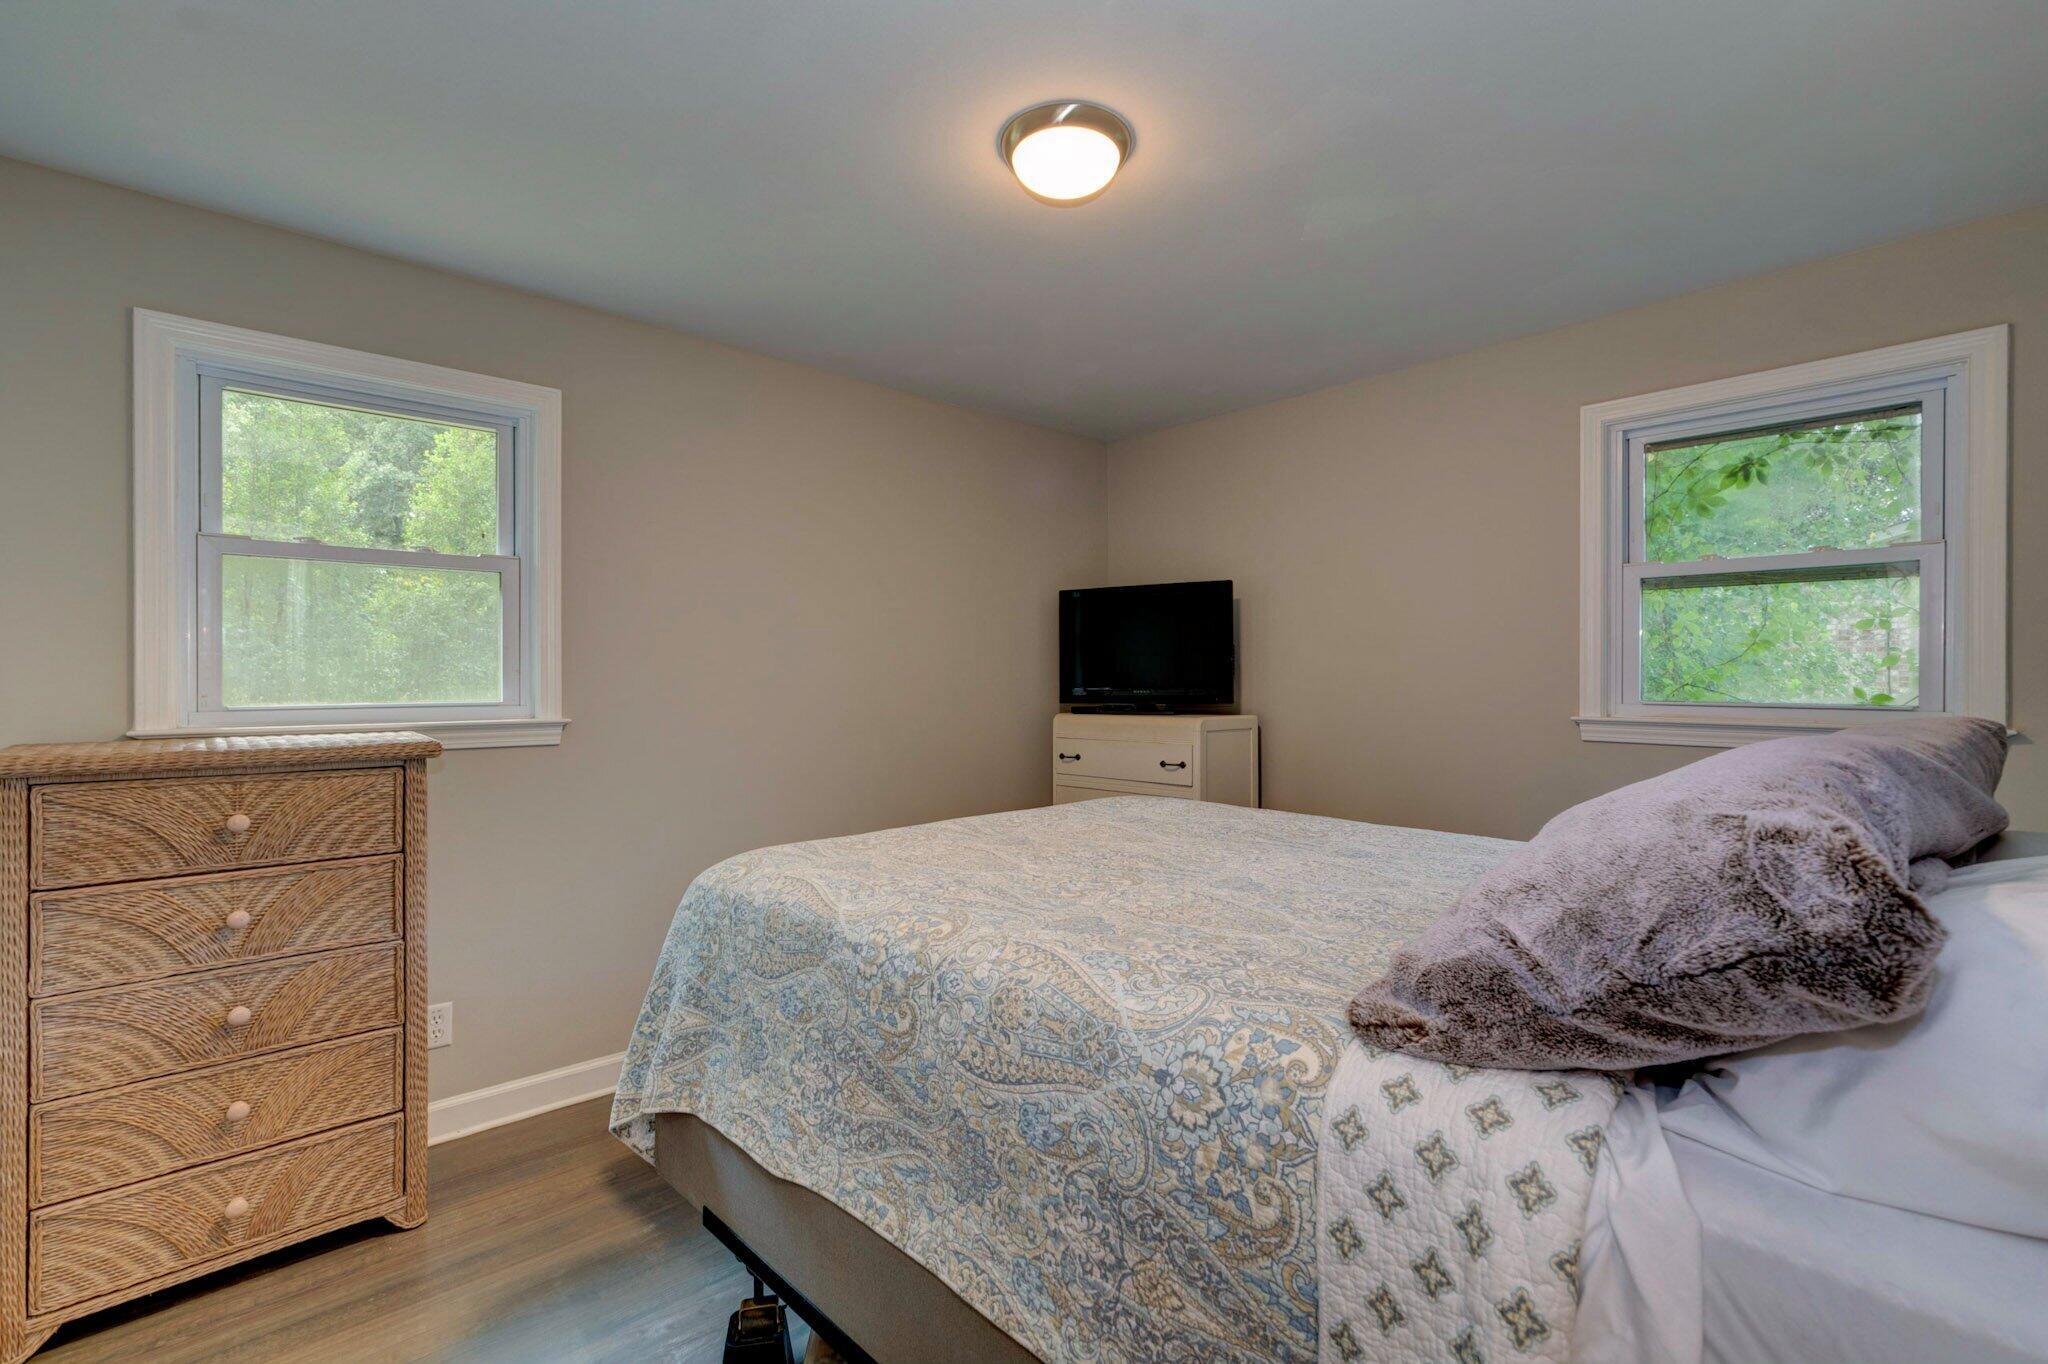 Clarks Point Homes For Sale - 1257 Julian Clark, Charleston, SC - 2